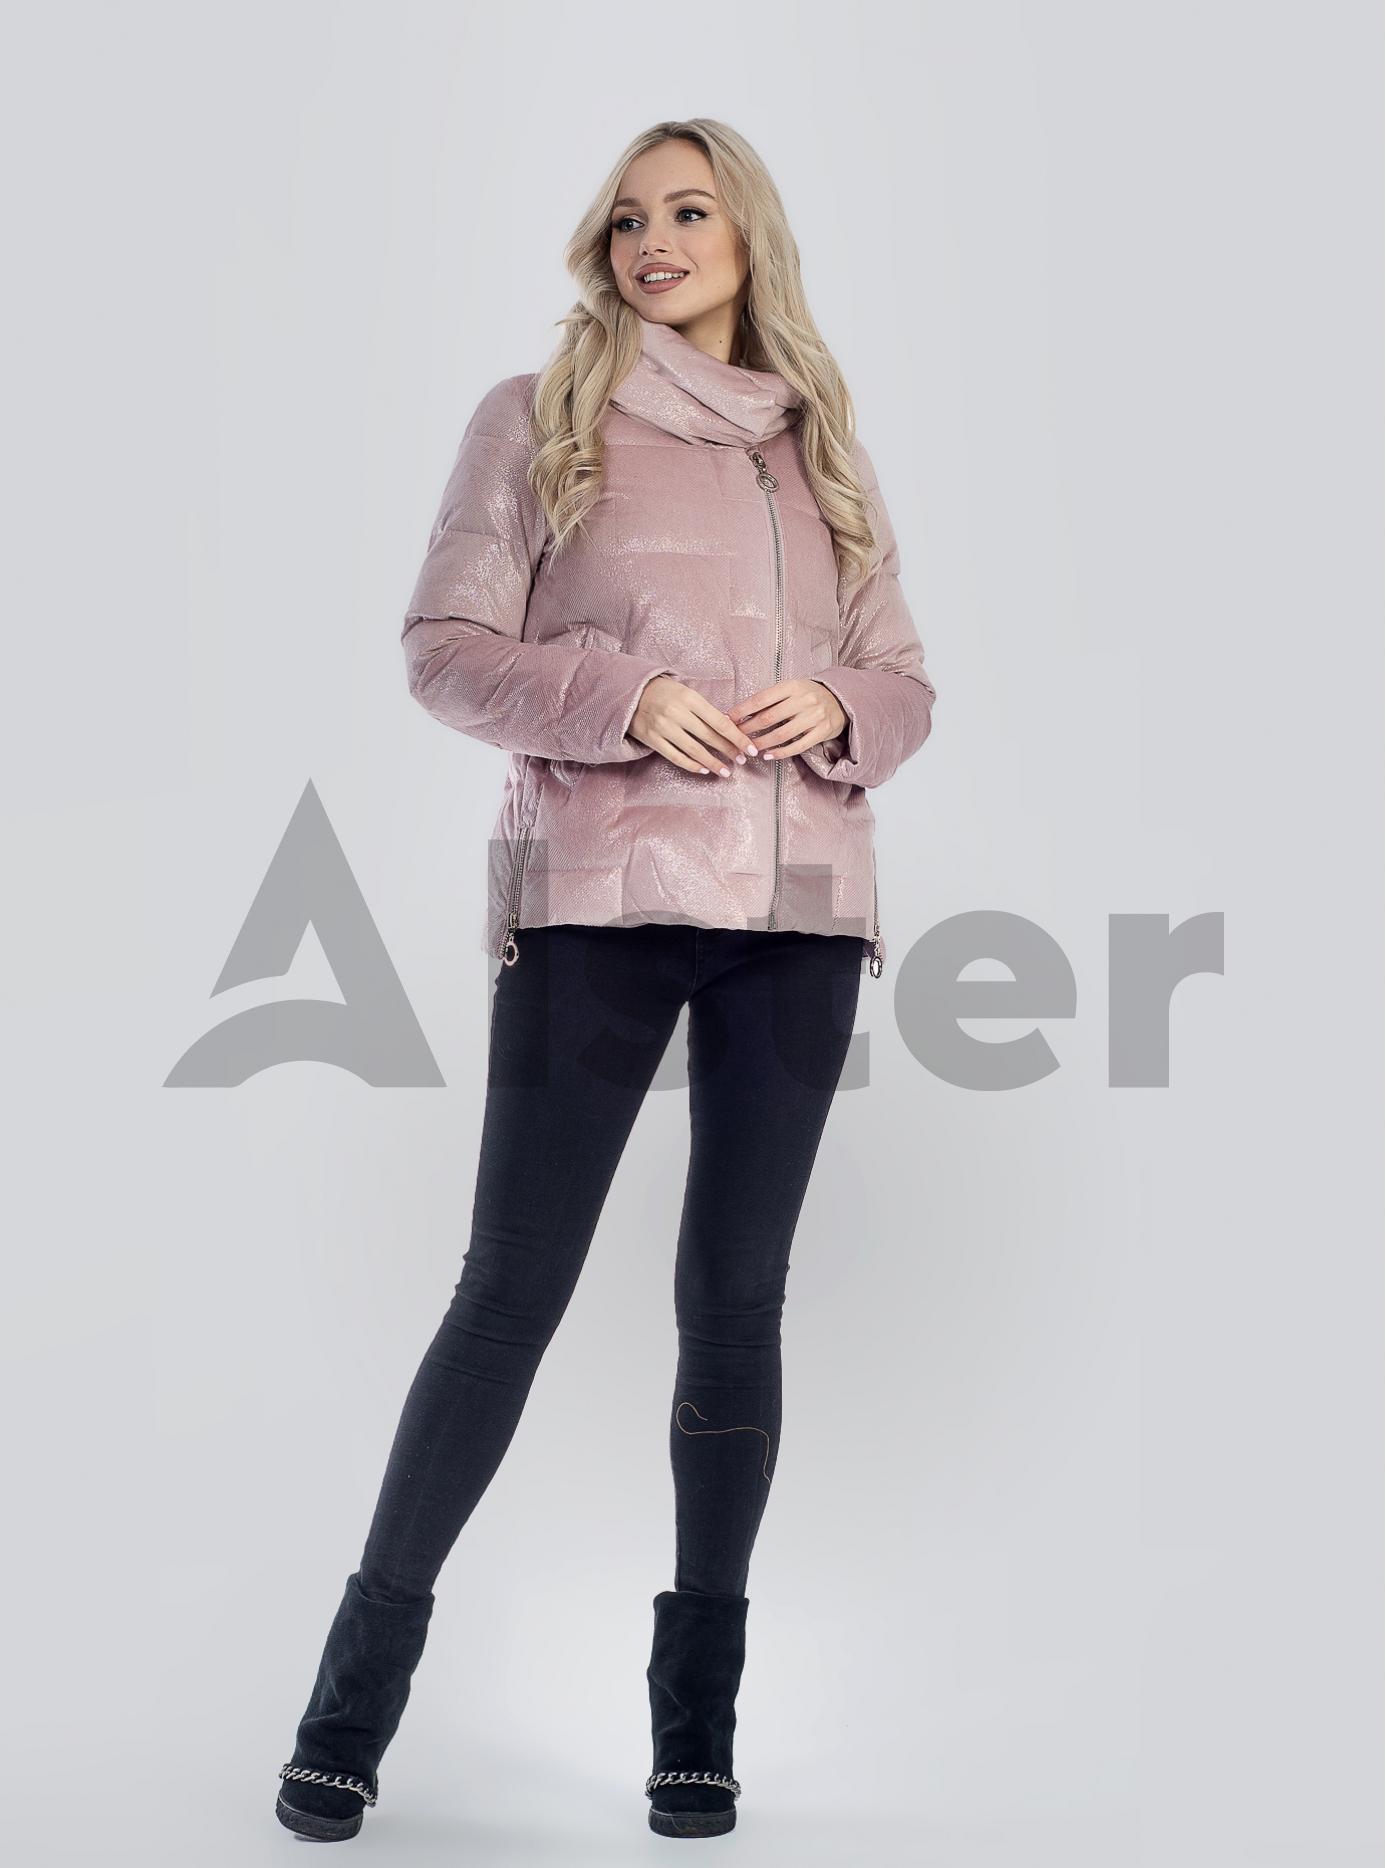 Зимова жіноча куртка Світло рожевий 2XL (05-SV201241): фото - Alster.ua